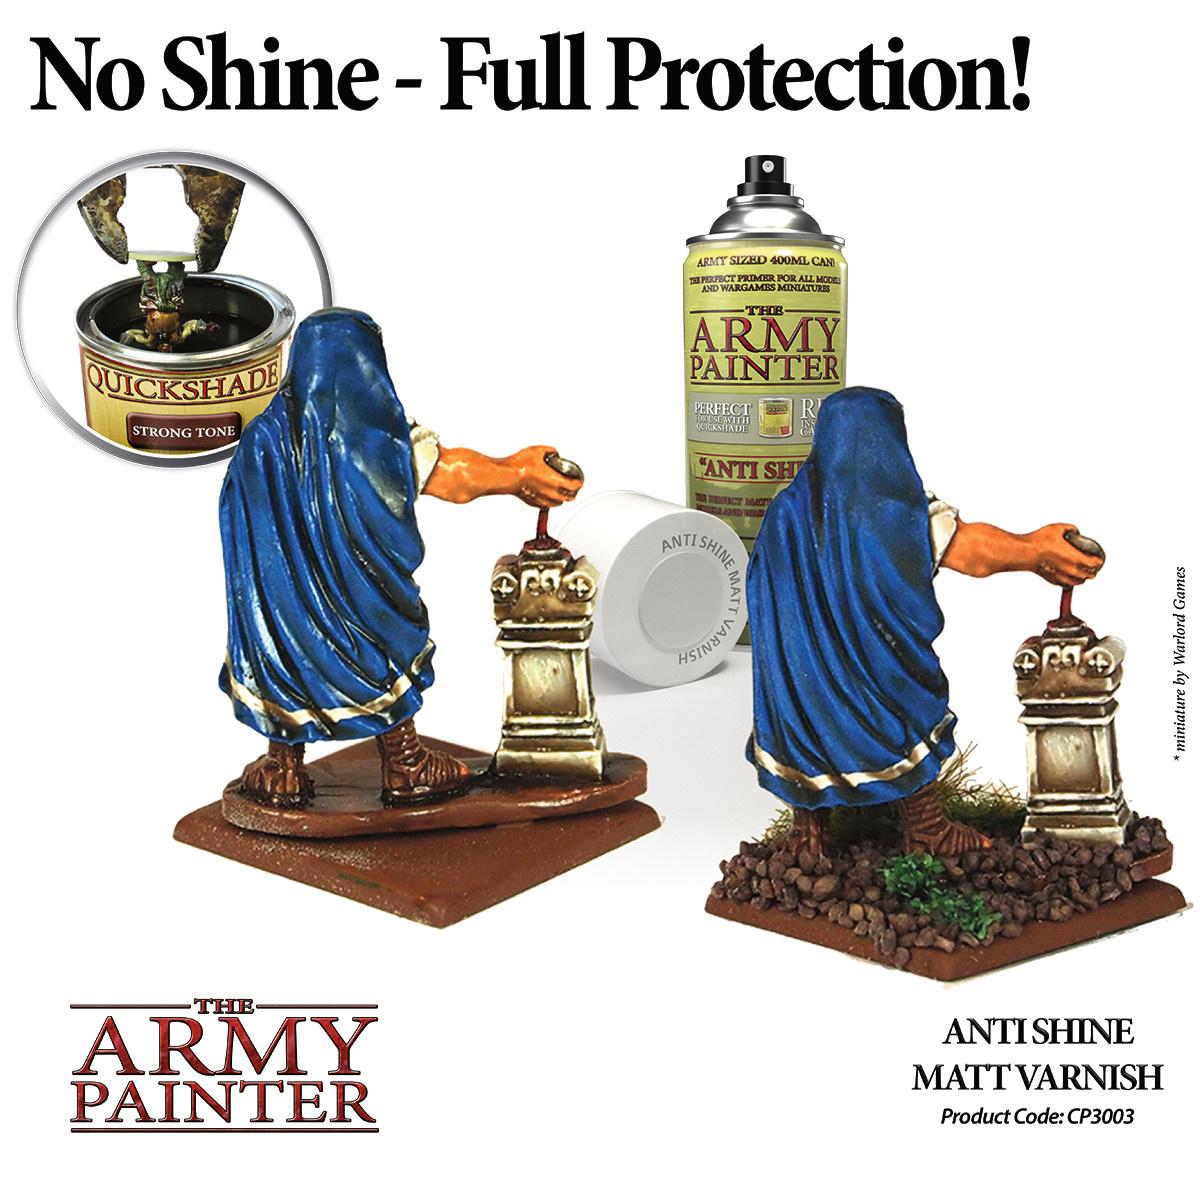 The Army Painter Varnish: Anti-Shine Matt